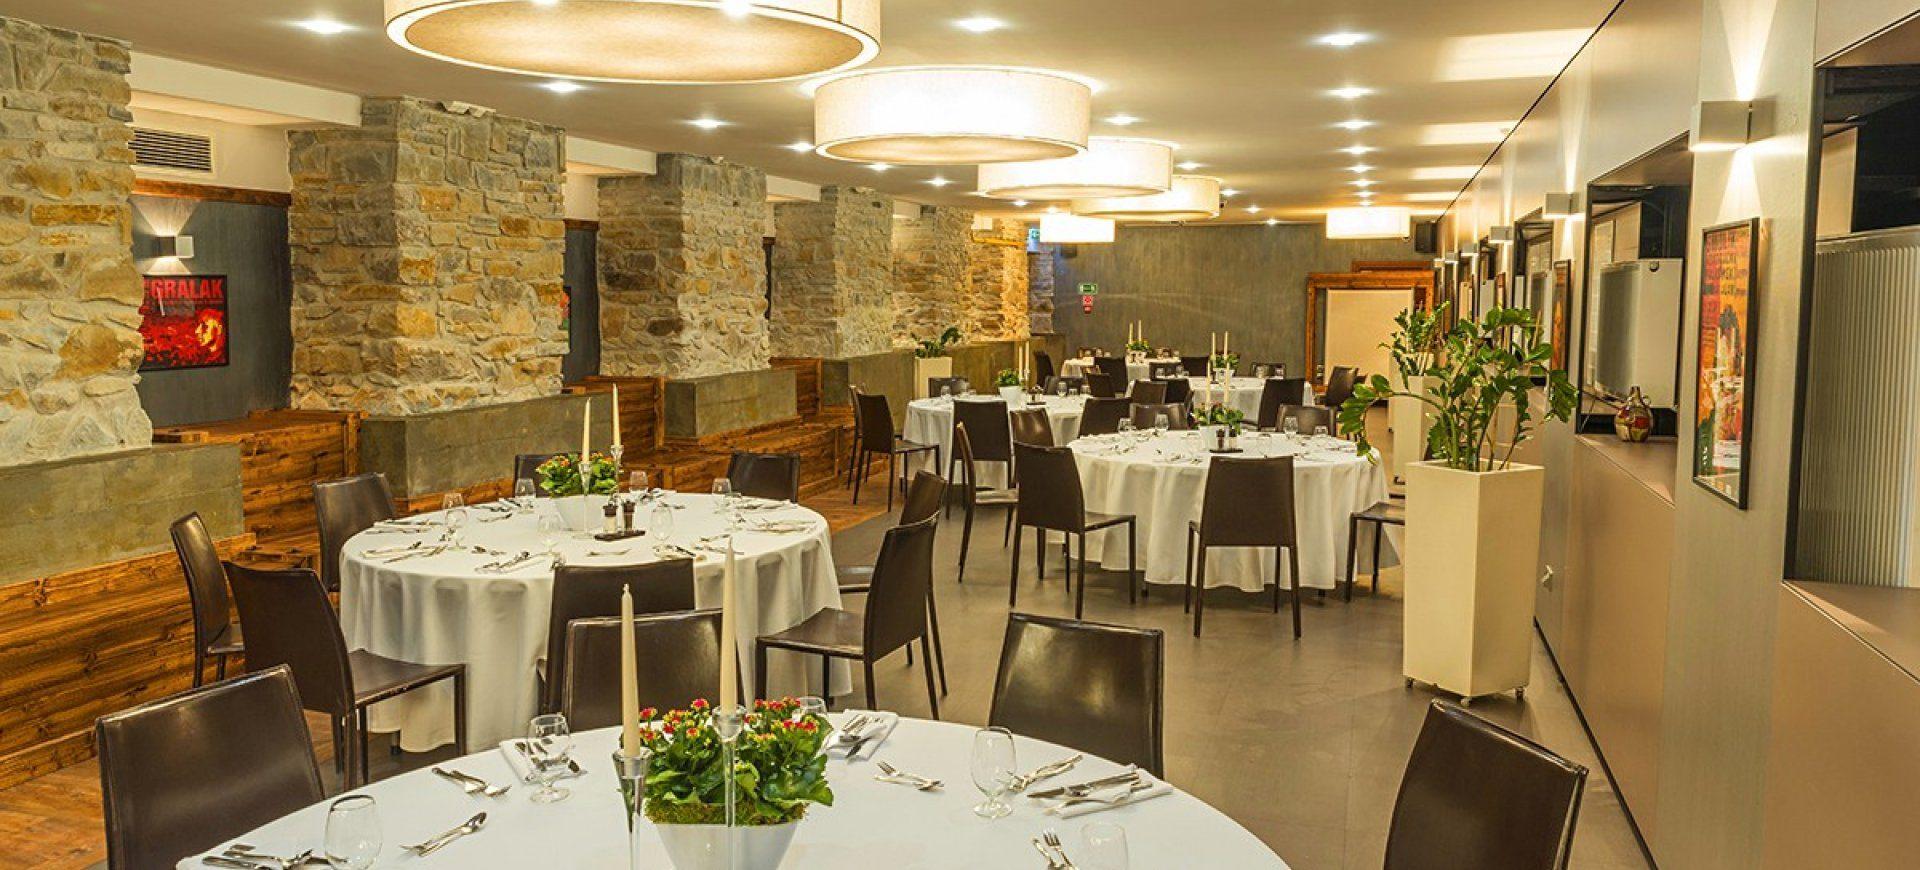 Imprezy Rodzinne Młyn Jacka Hotel Spa